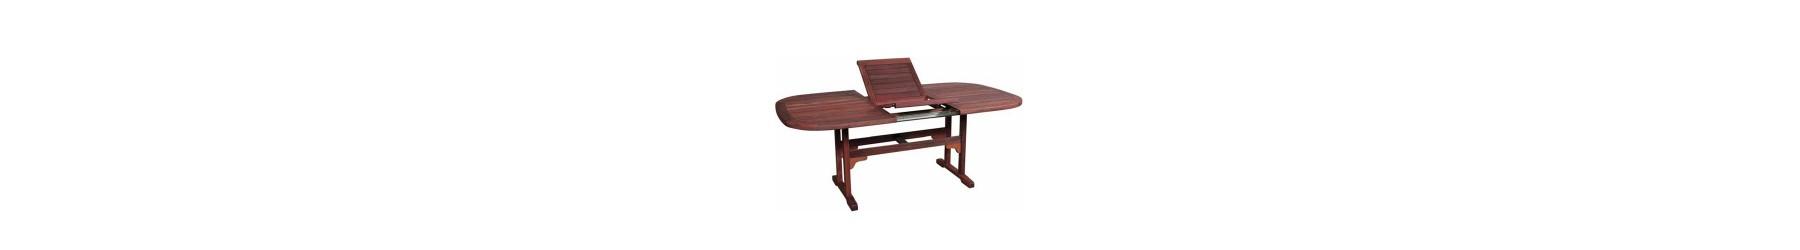 Τραπέζια κήπου επεκτεινόμενα από ανθεκτικό ξύλο για εξωτερικό χώρο